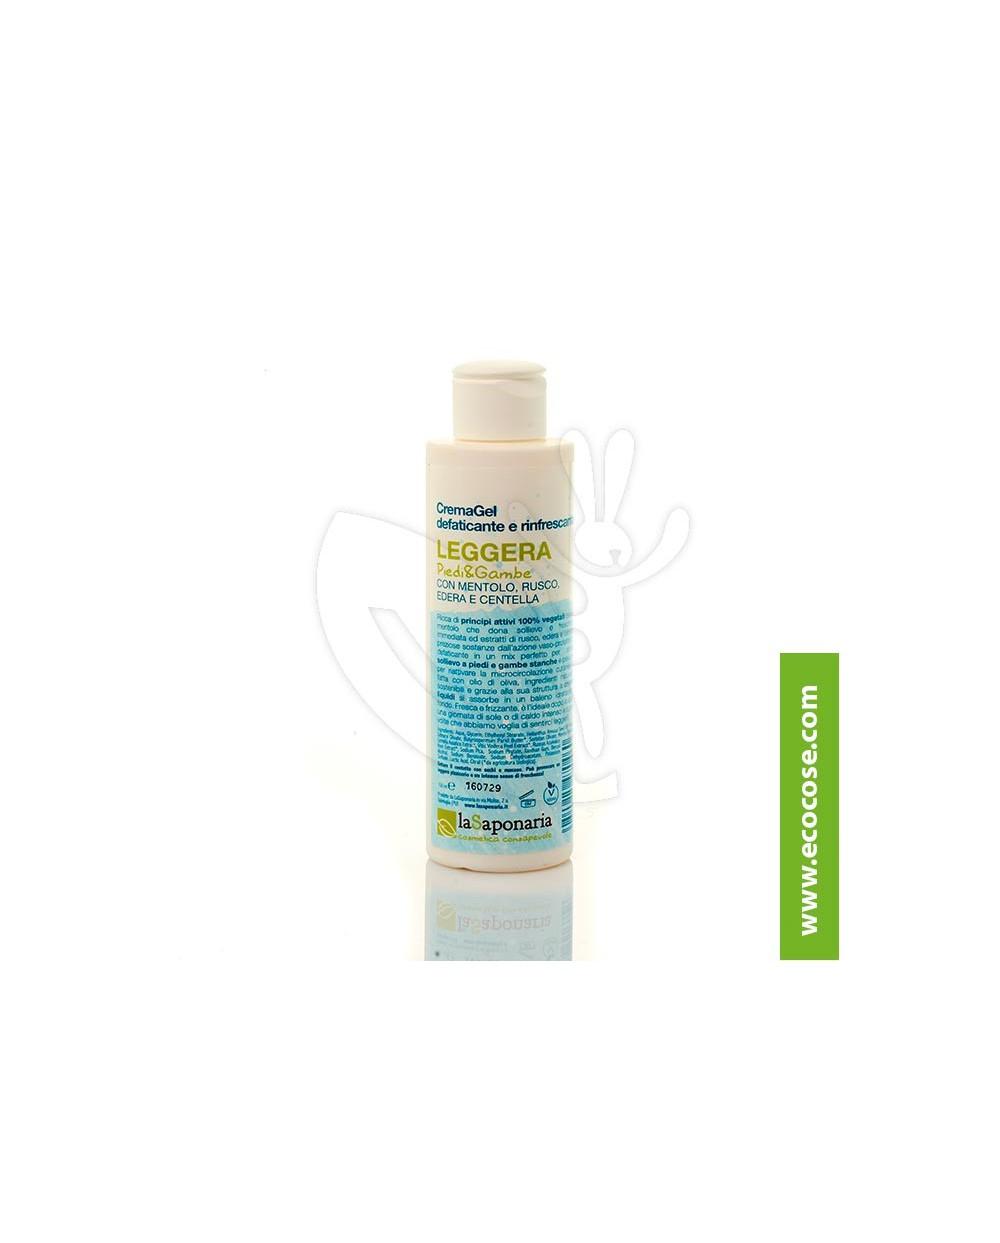 La Saponaria - CremaGel defaticante e rinfrescante Piedi e Gambe